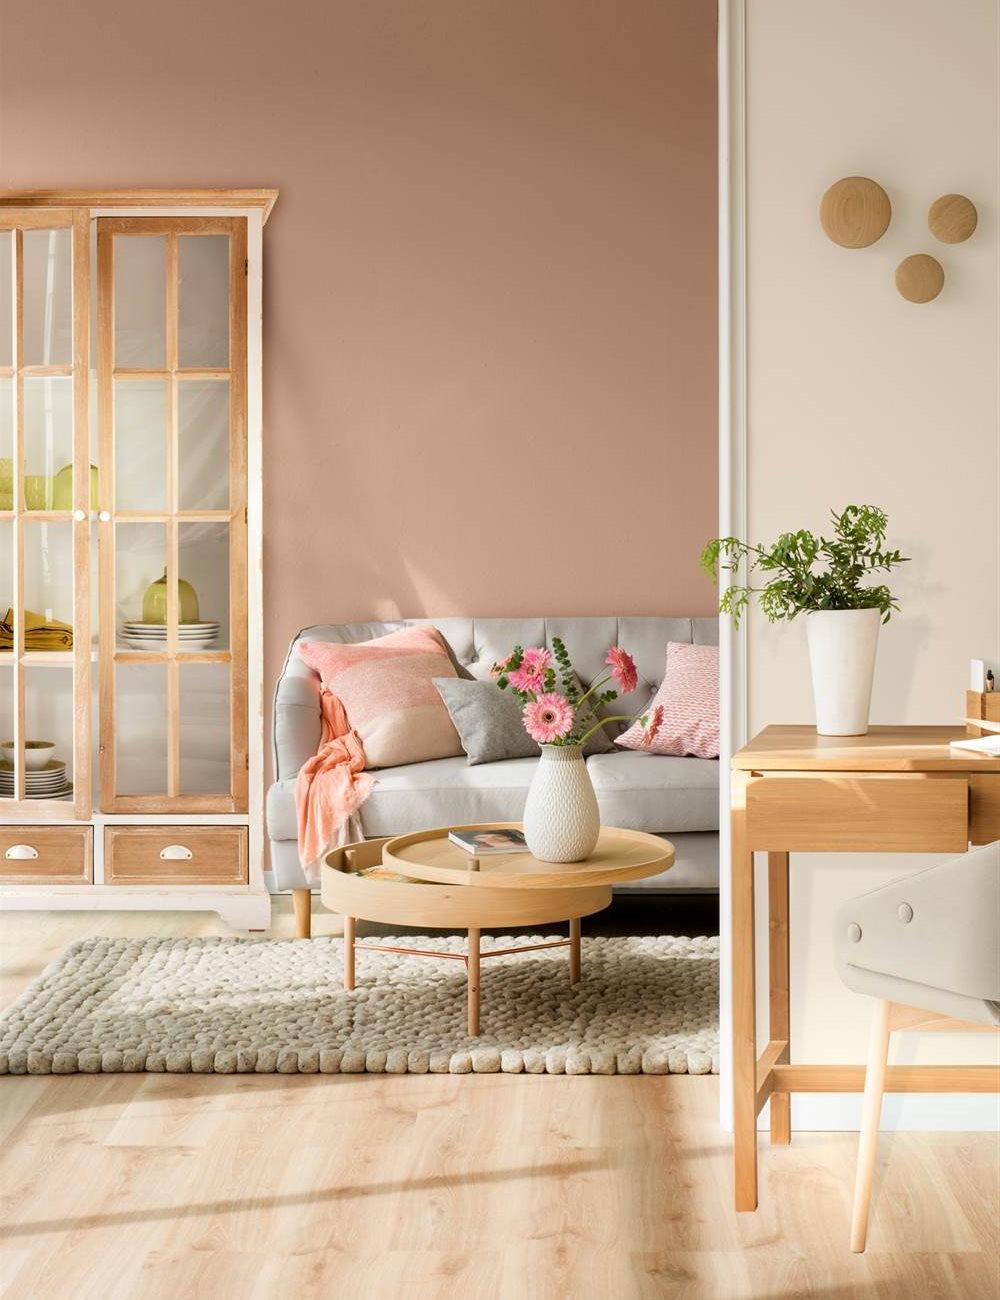 Combinar Muebles De Distintas Maderas Nkde Las Claves Para Binar Los Colores En La Decoracià N Y Los